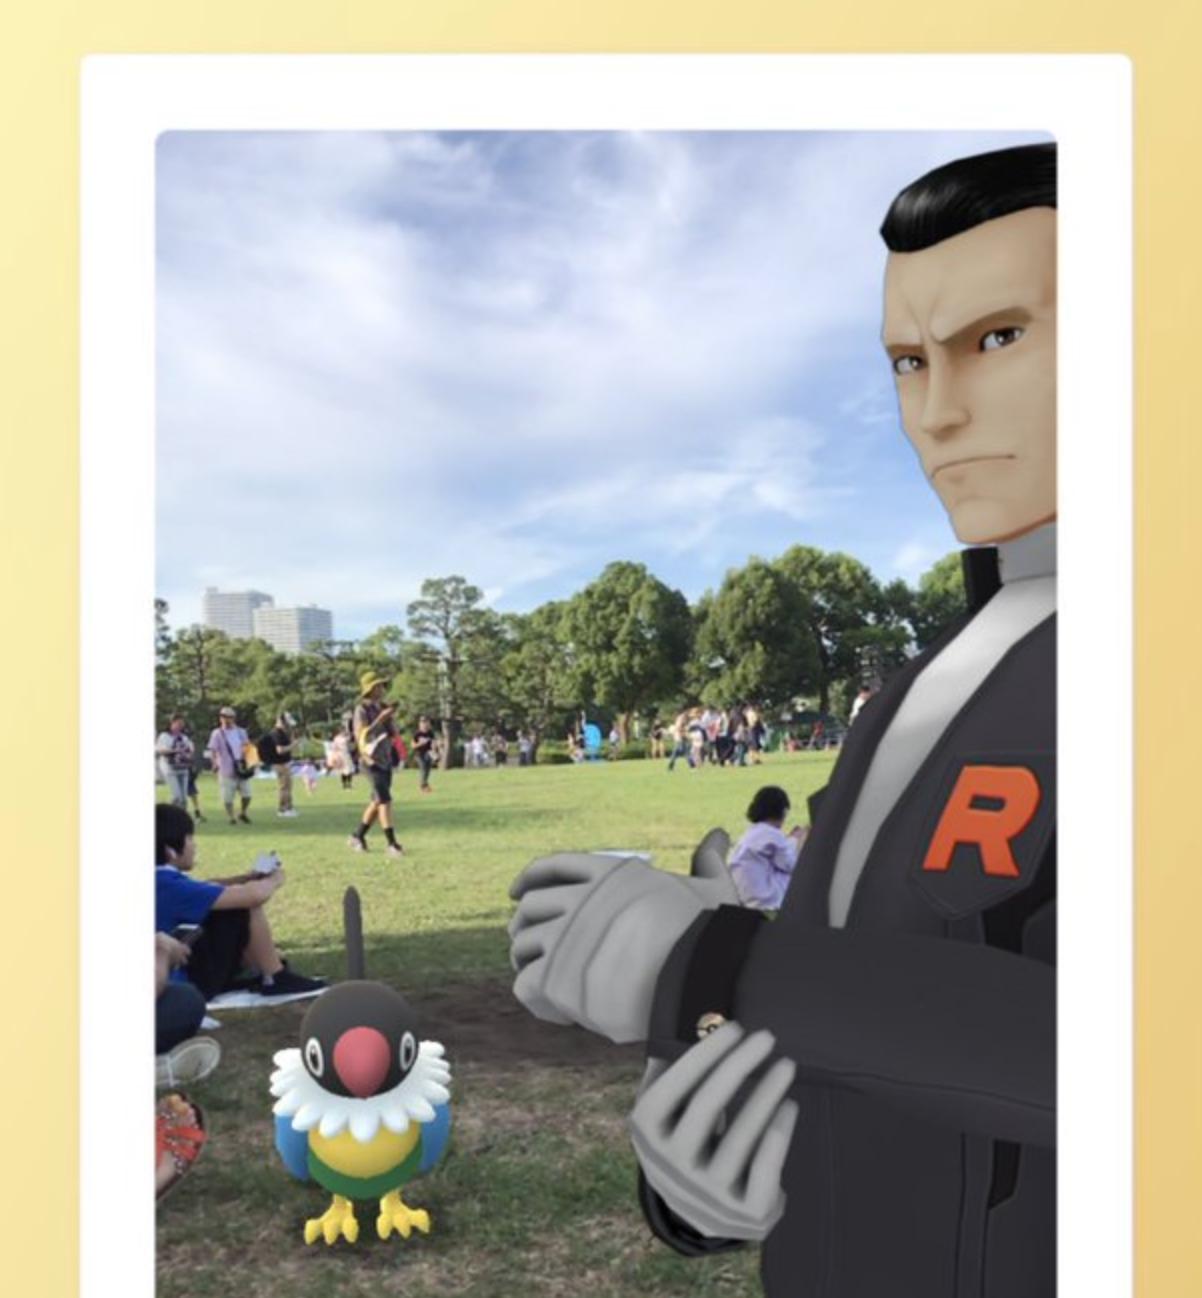 ポケモン go ロケット 団 幹部